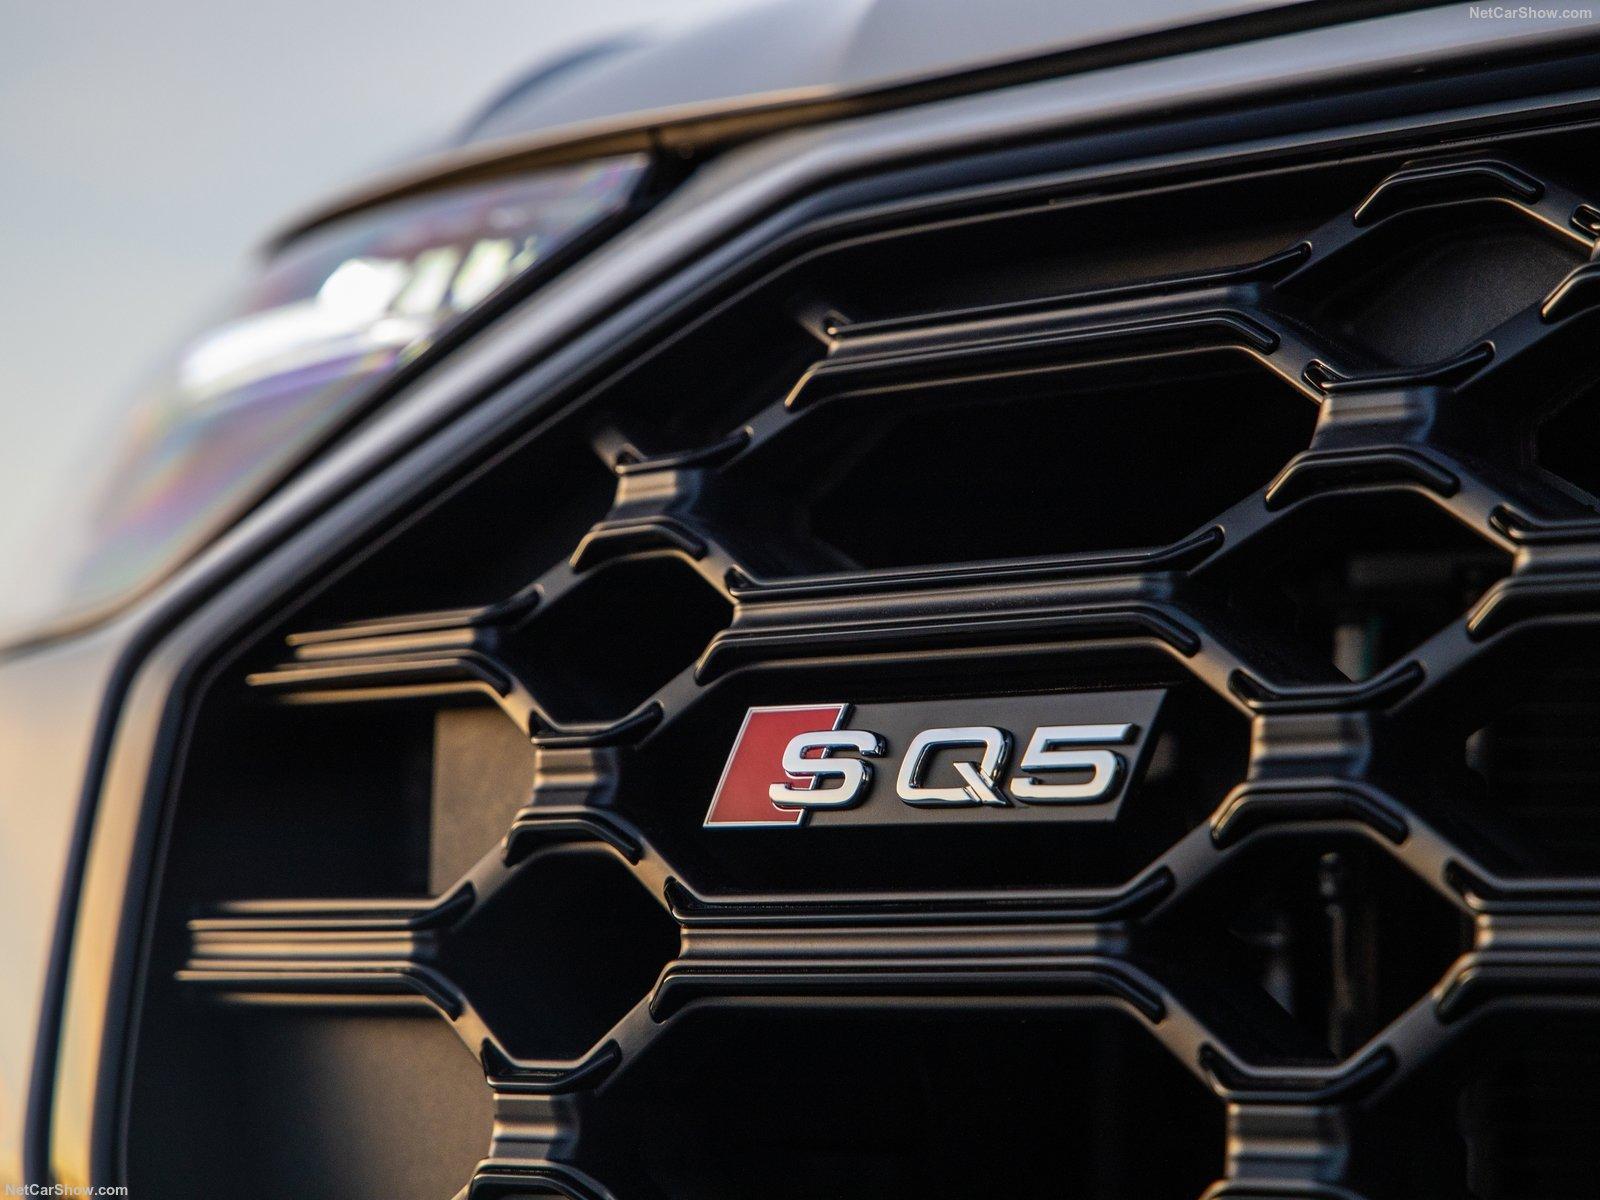 5.3秒破百!全新奥迪SQ5车型正式上市售价63.28万元